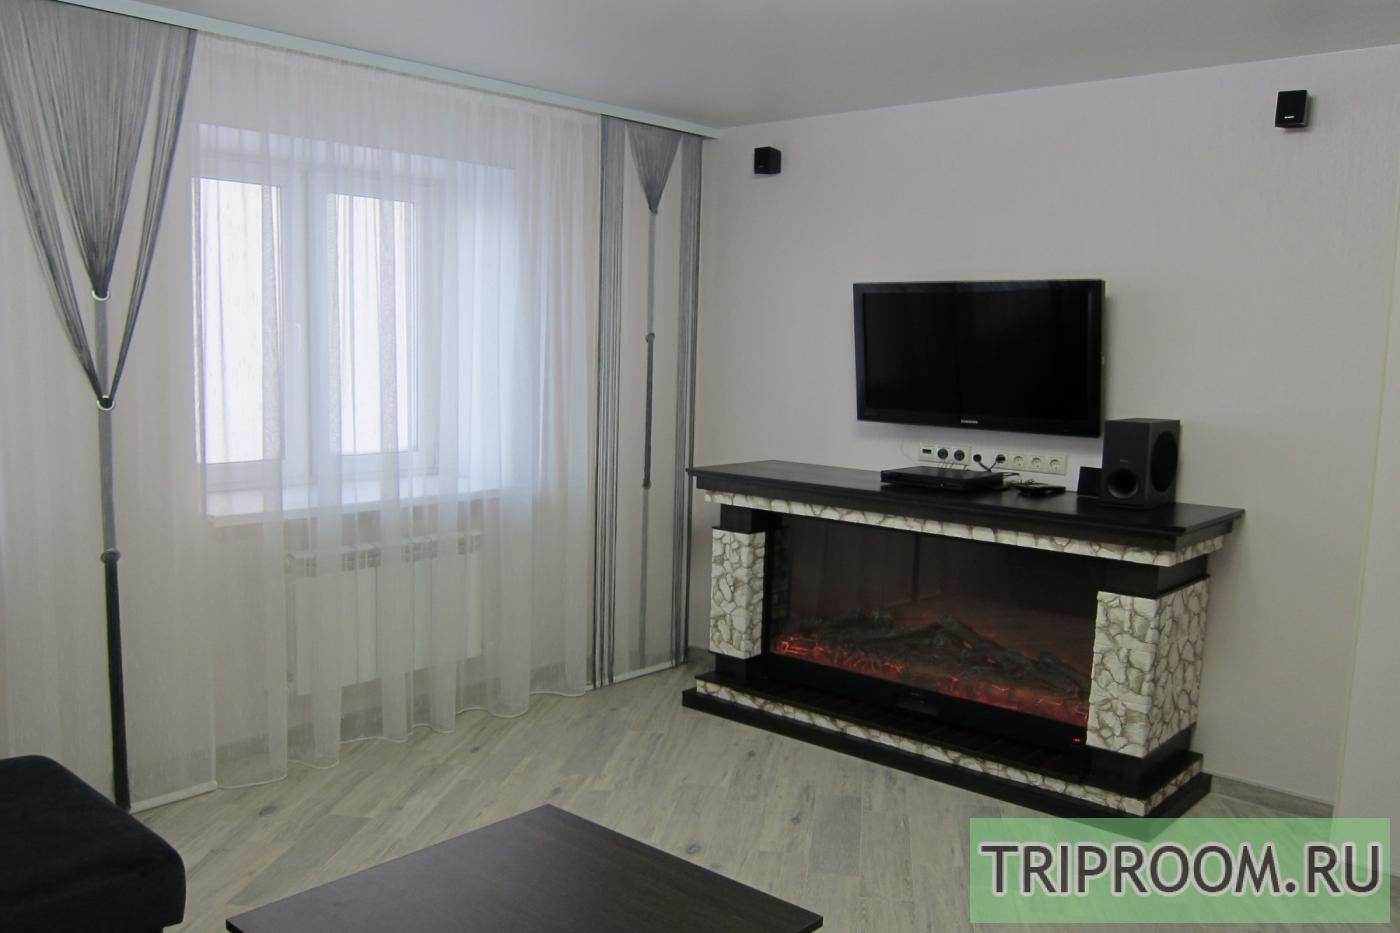 2-комнатная квартира посуточно (вариант № 21568), ул. Петра Смородина, фото № 1